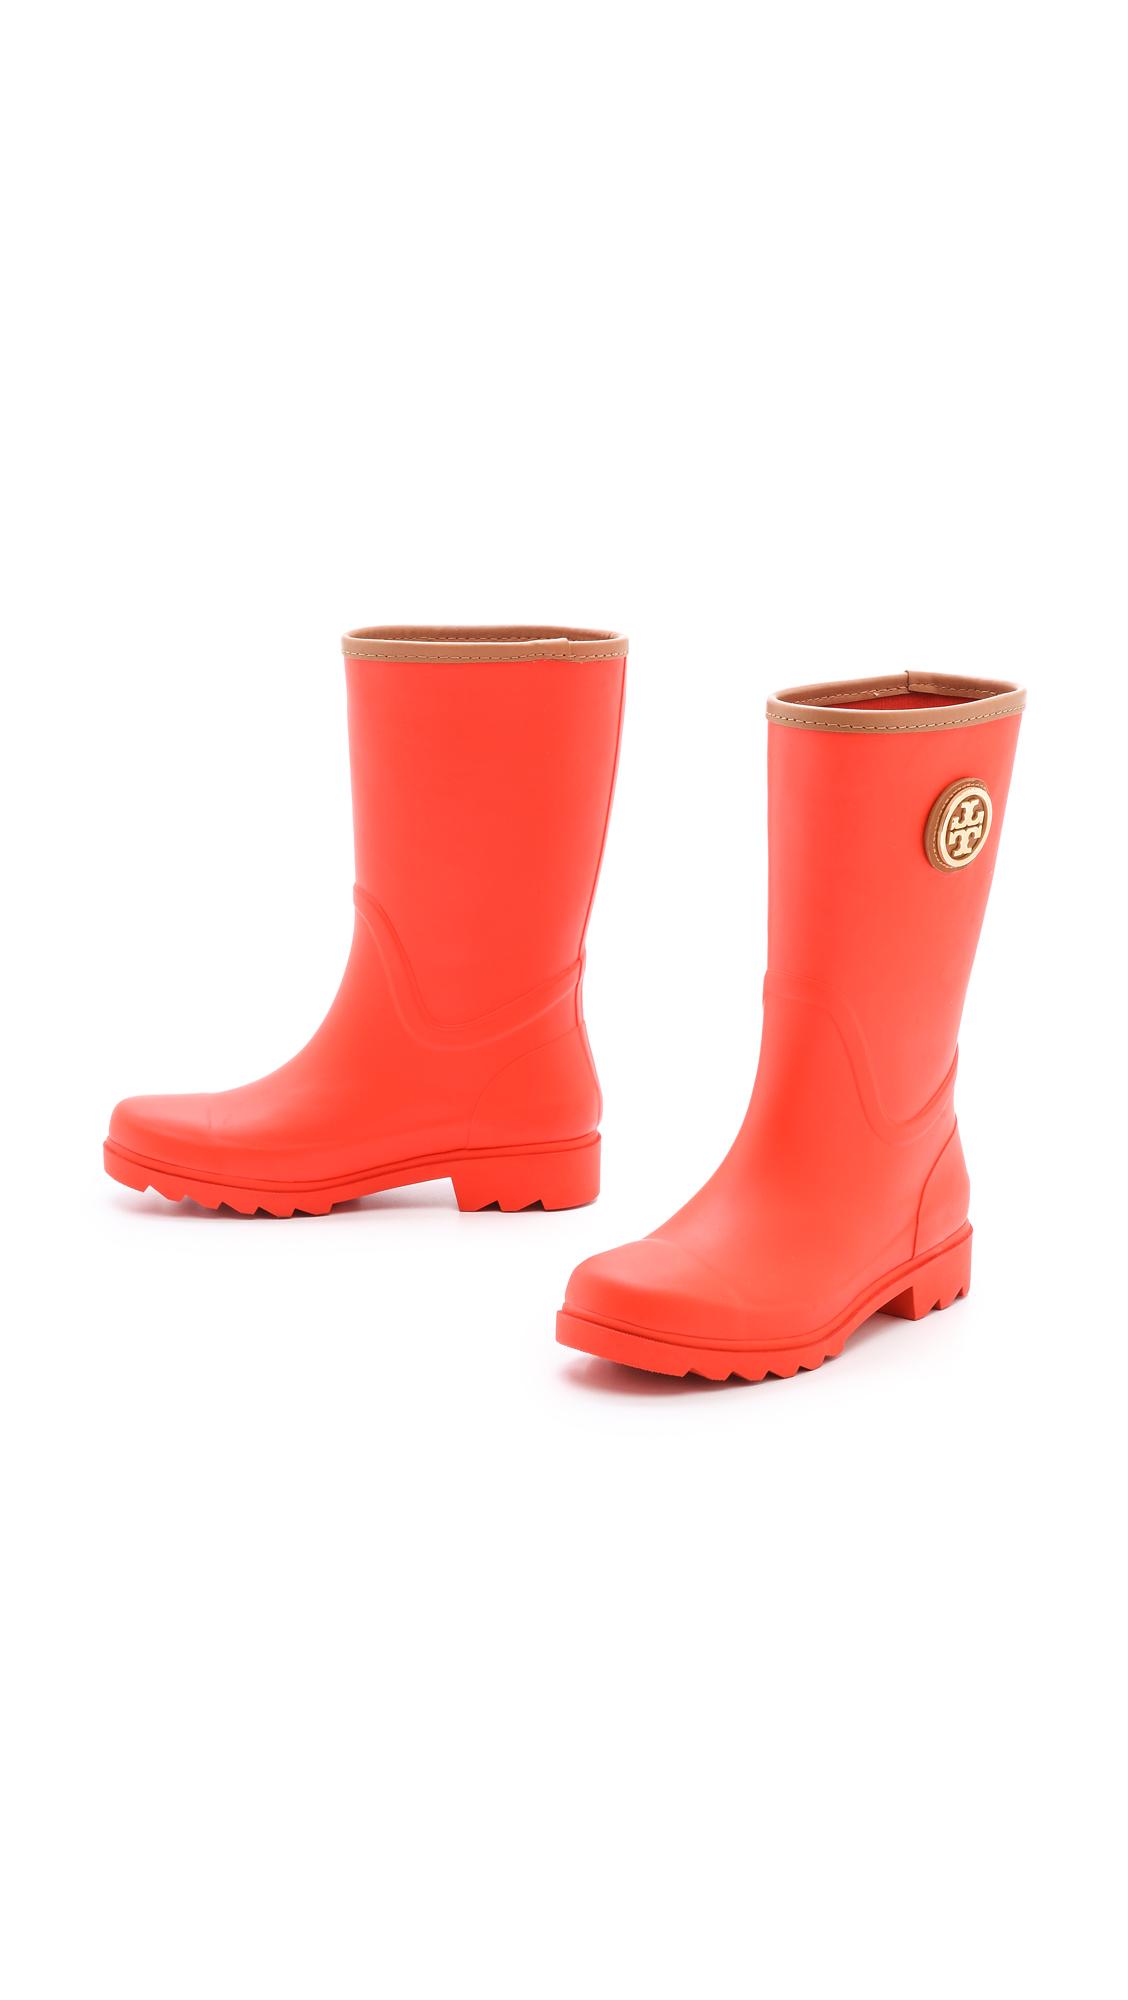 6fb9b12b3c9d Tory Burch Maureen Rain Boots